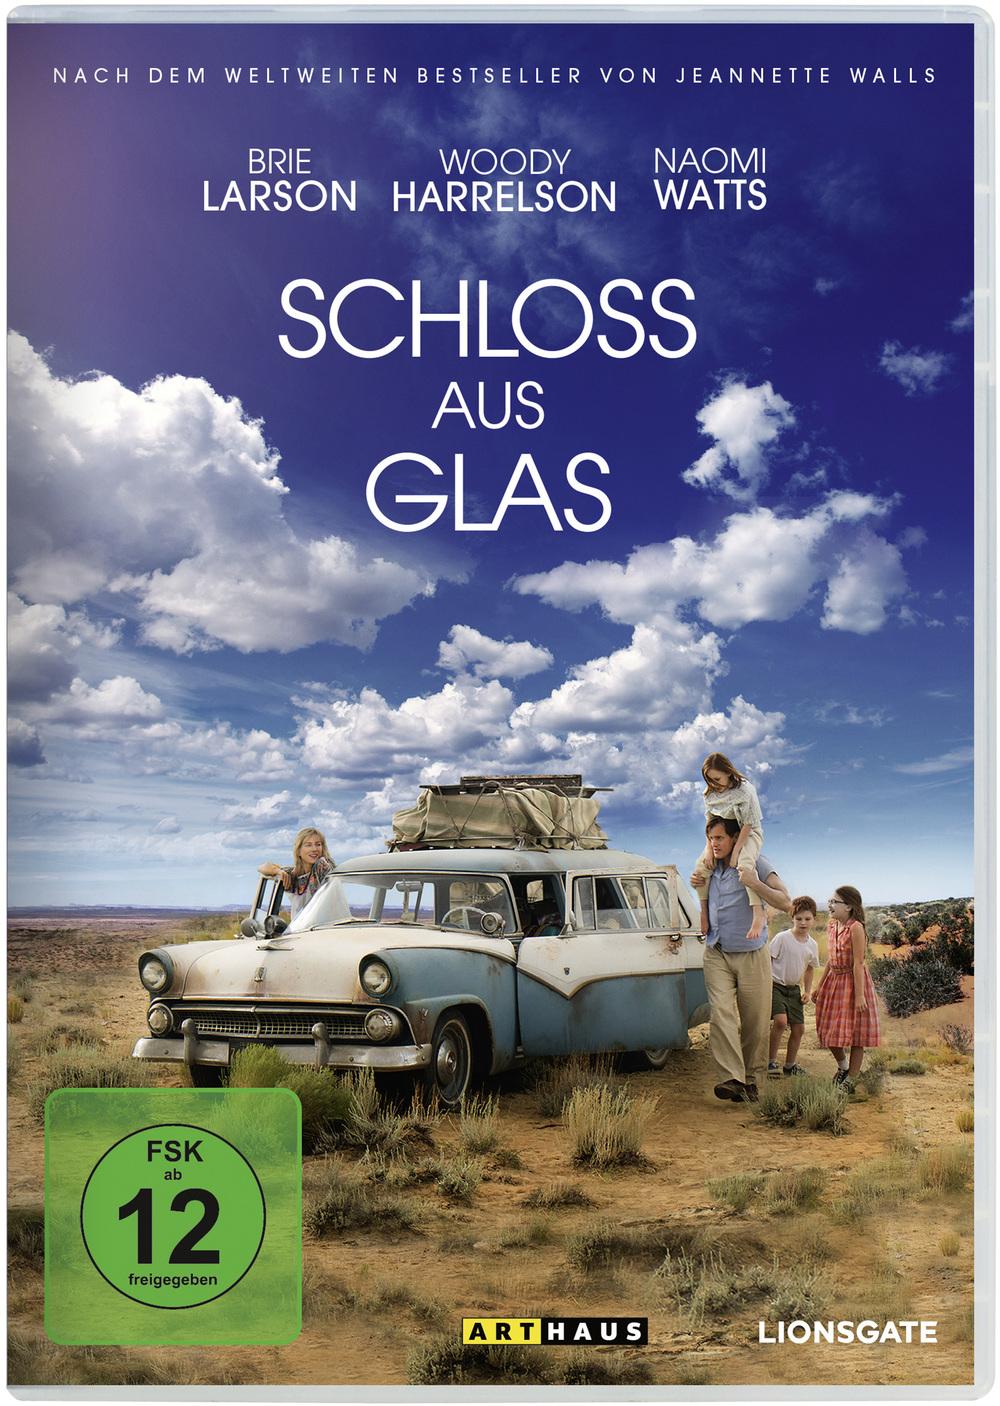 """Das Leben ist ein großes Abenteuer: Gewinnt eine DVD oder BD zu """"Schloss aus Glas"""" inklusive Poster"""